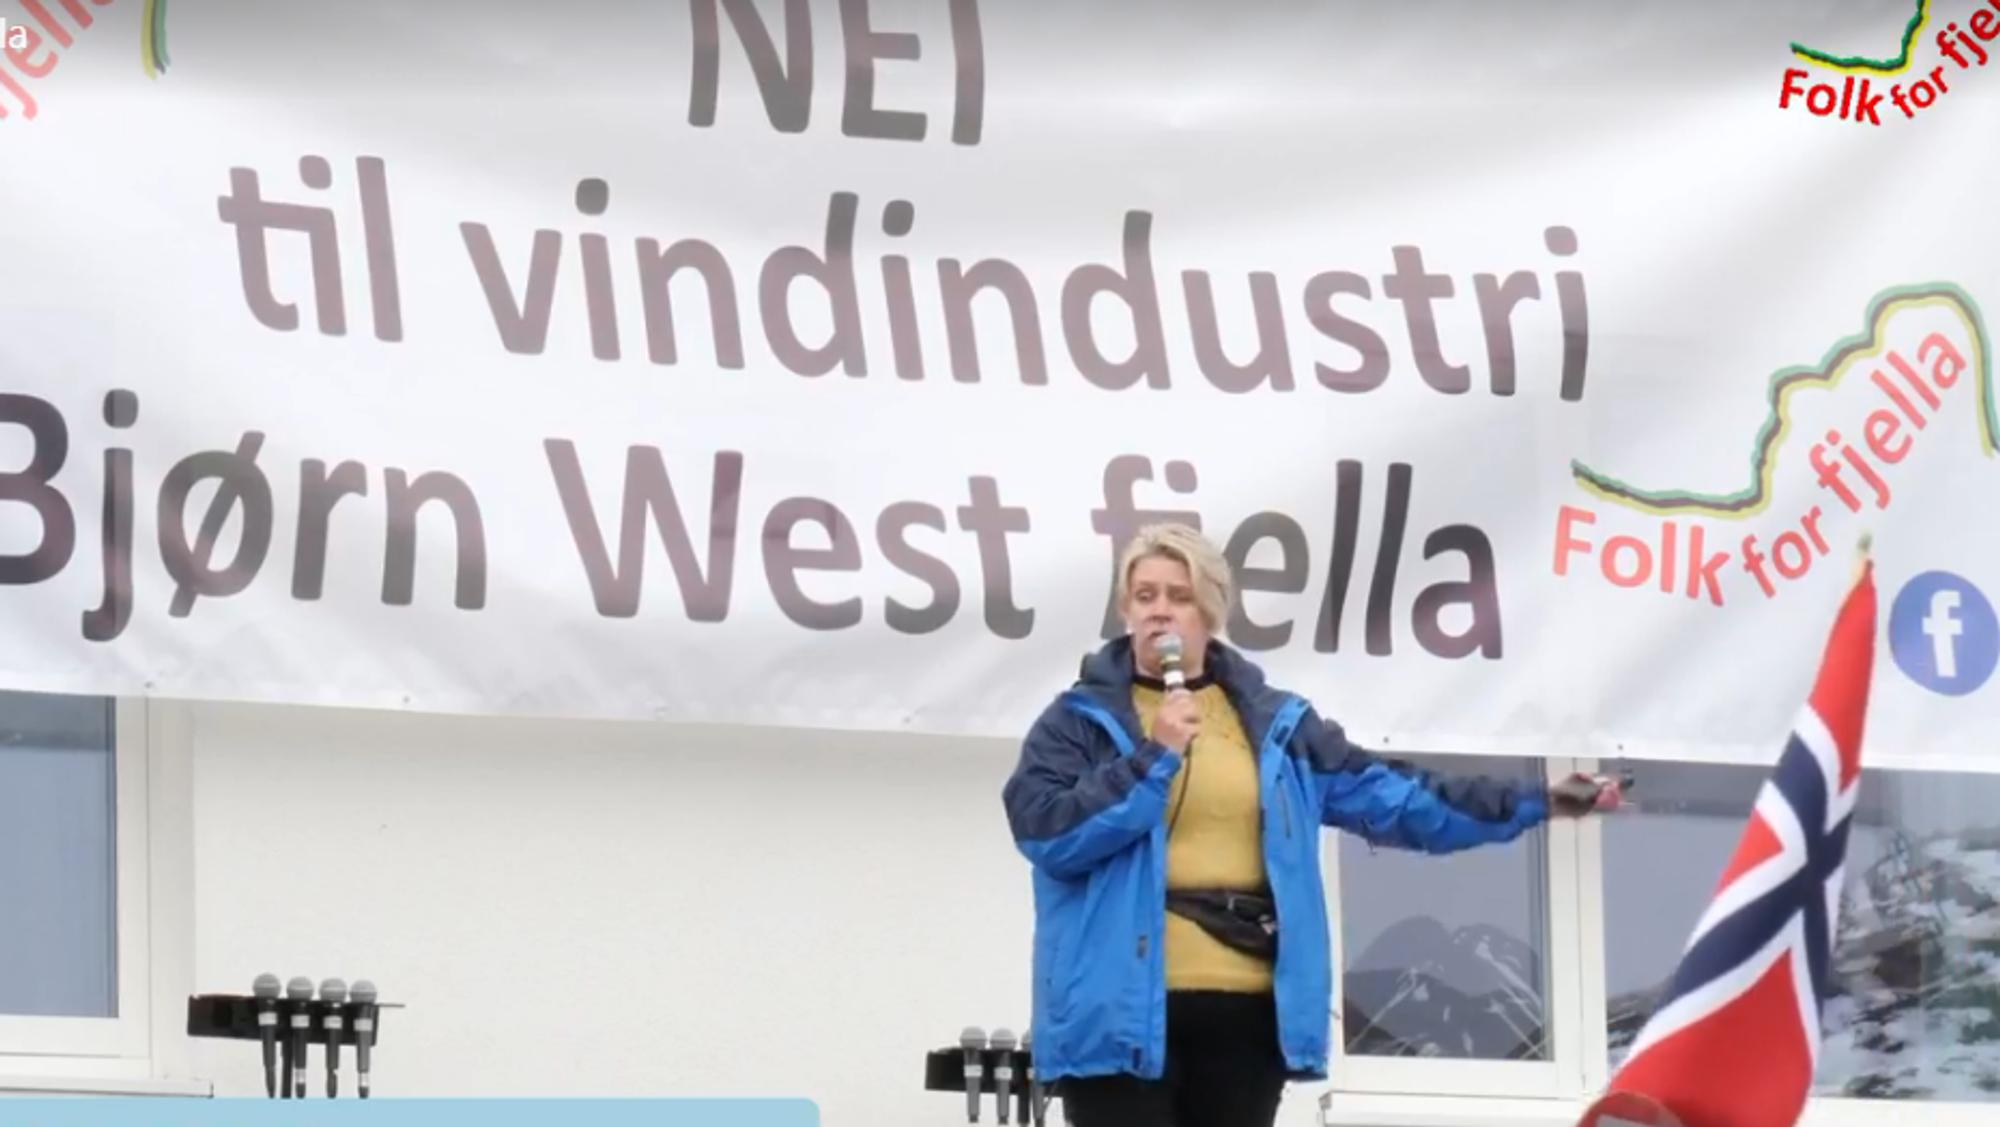 Norges nye olje- og energiminister Marte Mjøs Persen (Ap) holdt i mai i år appell på en demonstrasjon mot vindkraft i Matrefjellene.